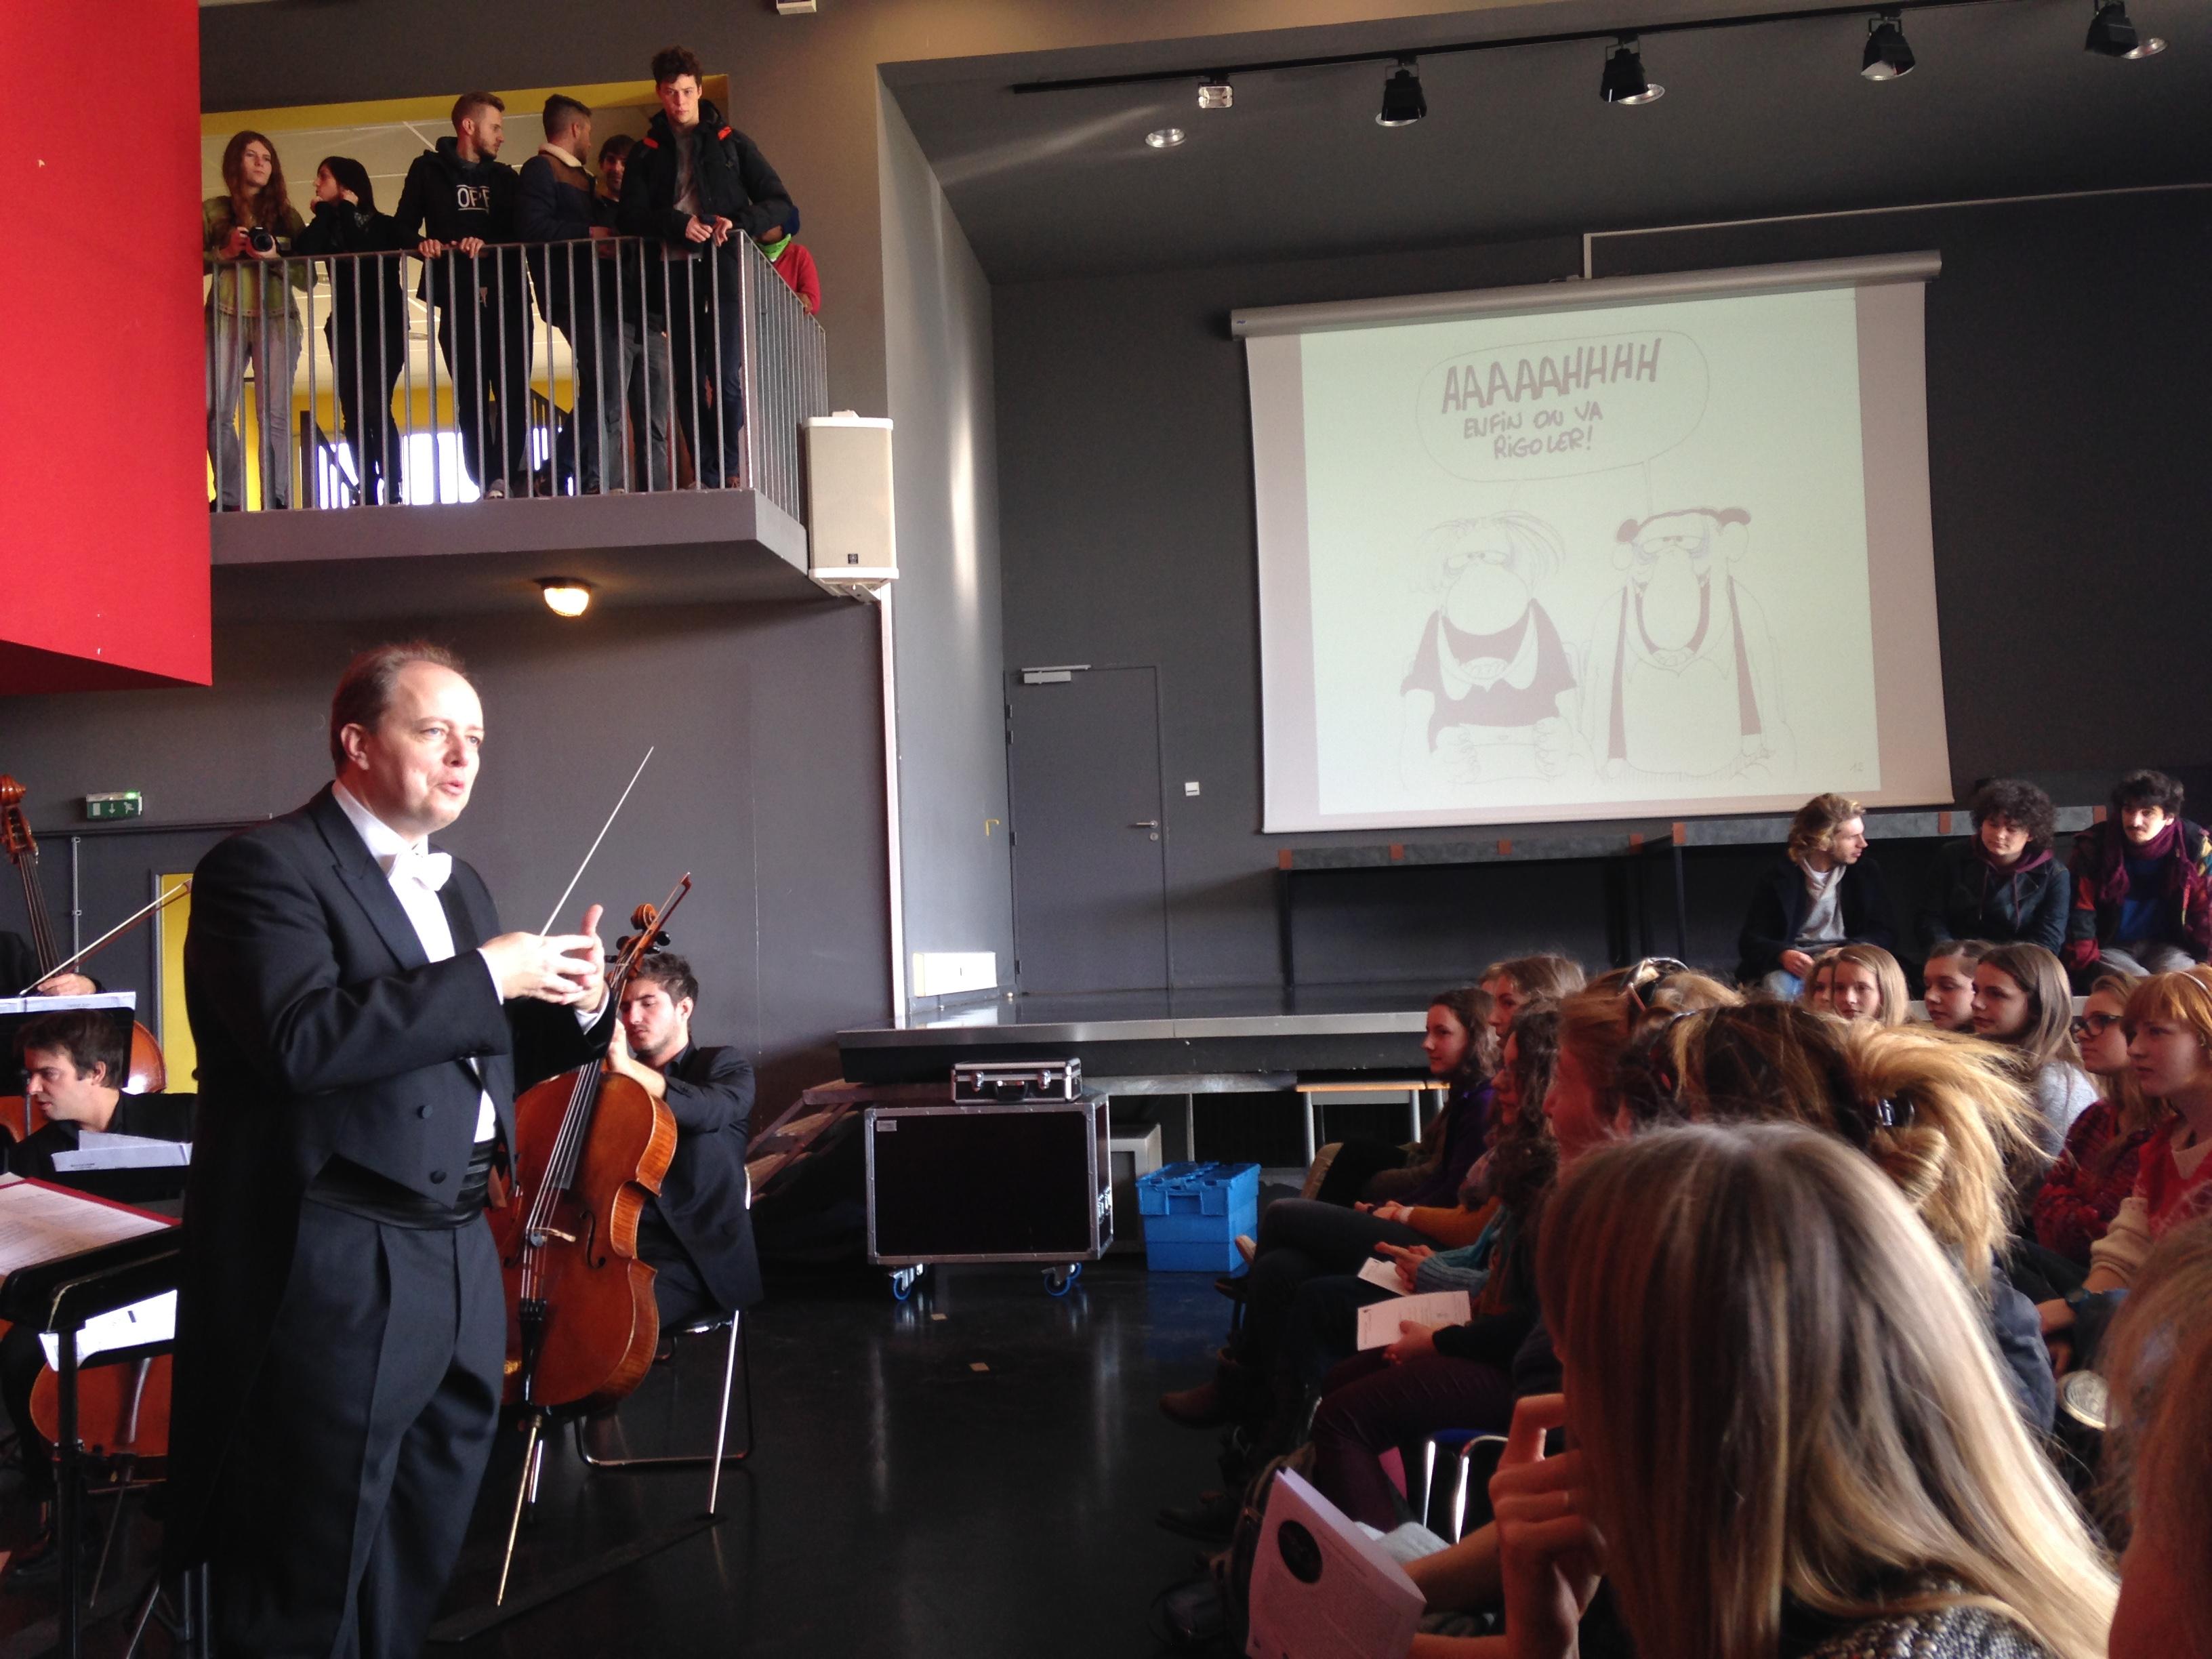 Nicolas Chalvin, au beau milieu du public et des musicien-ne-s ©MoveOnMag